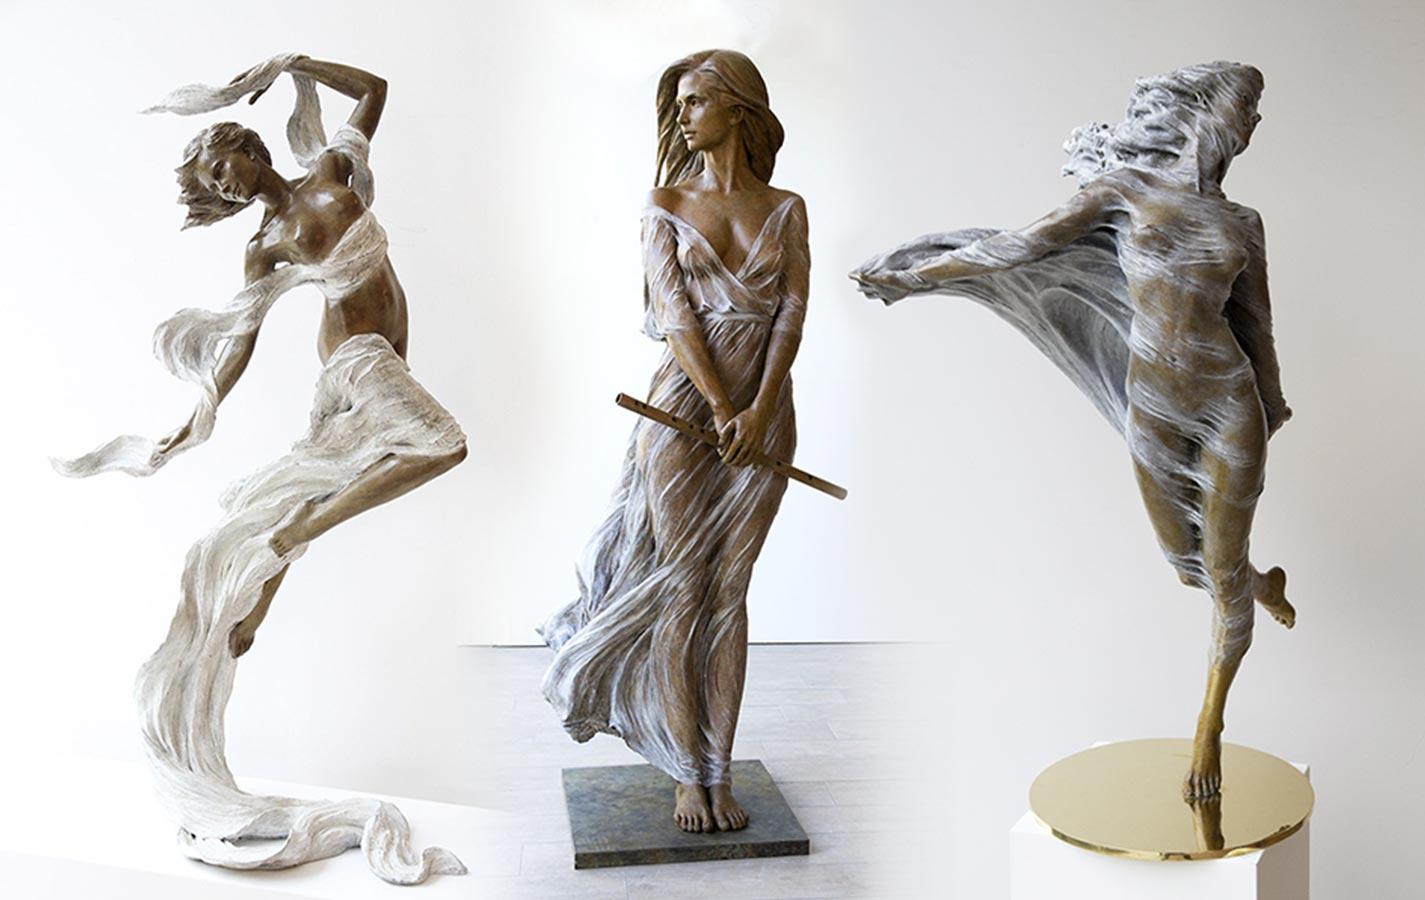 Luo Li Rong: Esculturas en bronce de mujeres a tamaño real